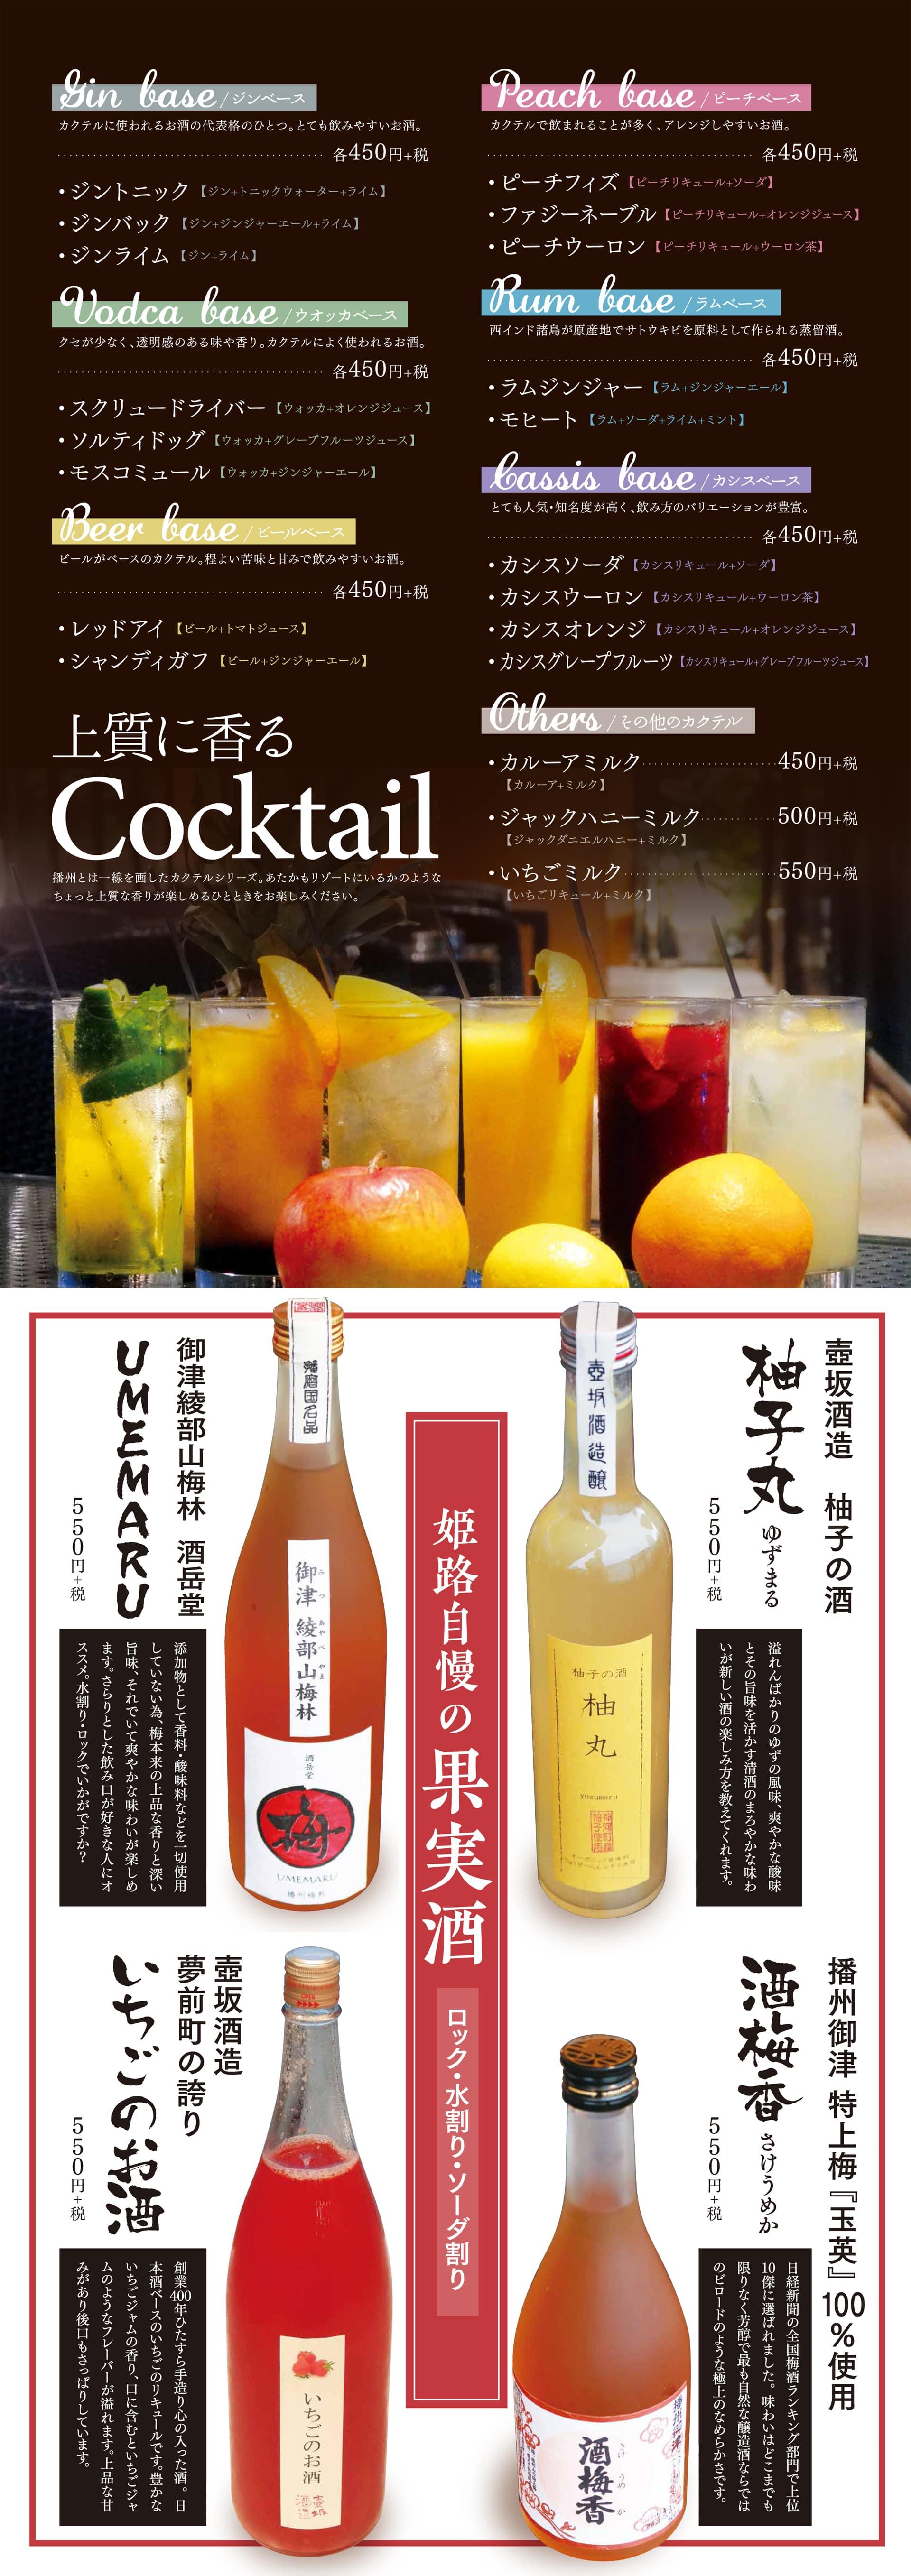 GOTTO カクテル・果実酒